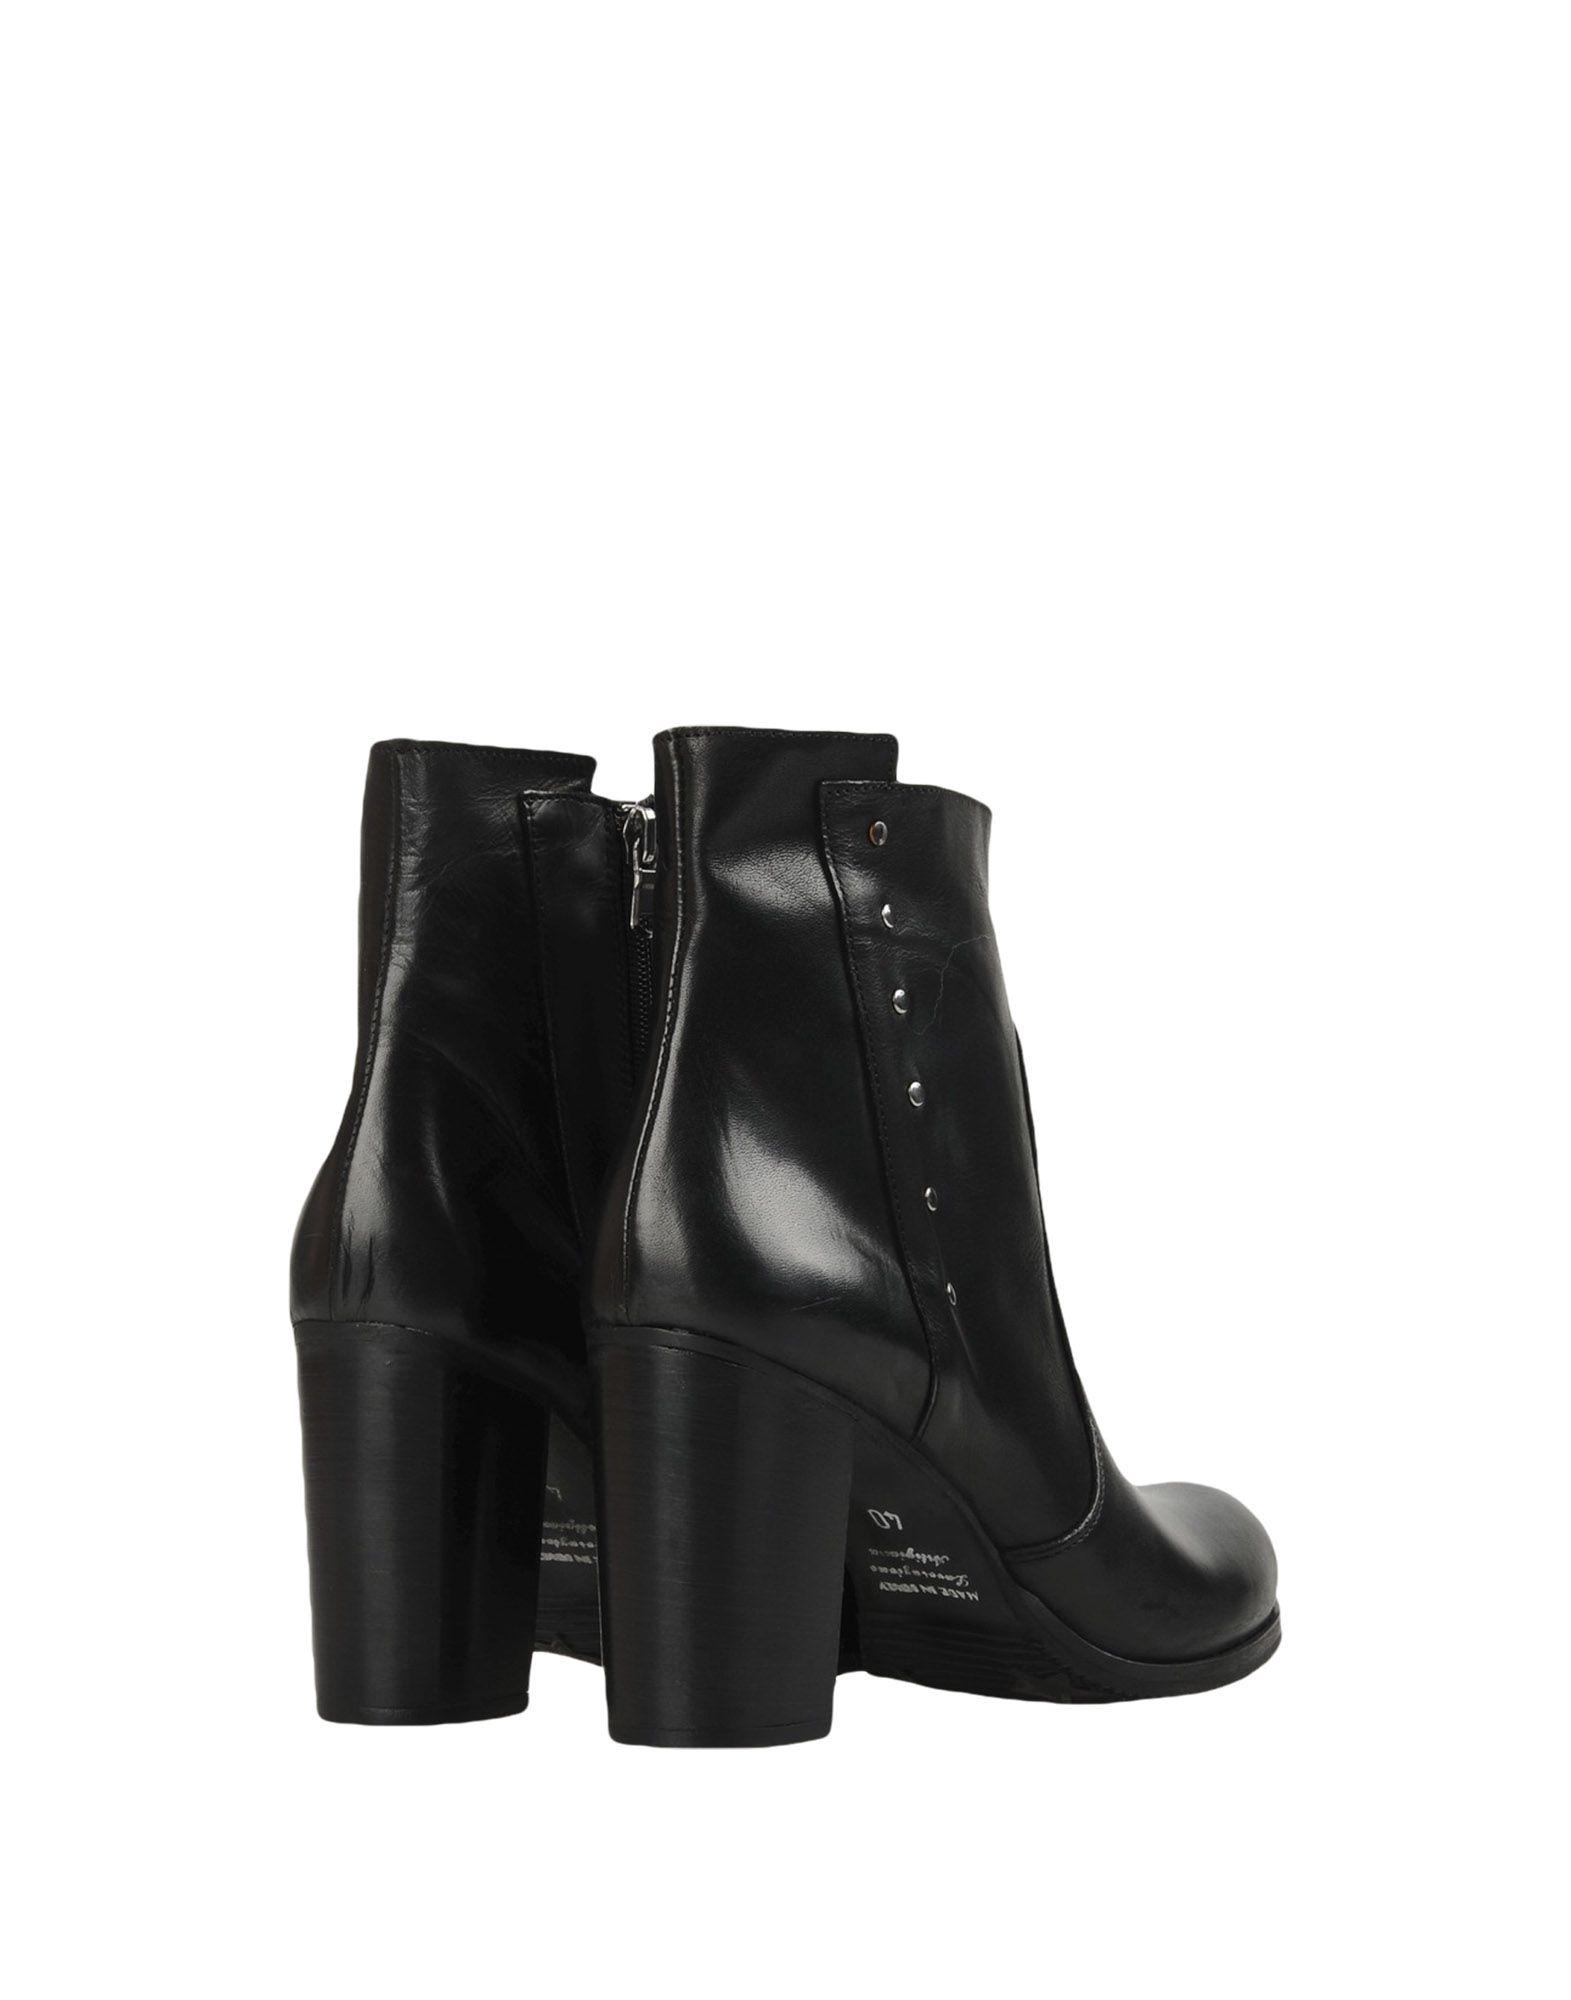 Pierre Darré Stiefelette Damen Damen Stiefelette  11325633VX Gute Qualität beliebte Schuhe 758a37